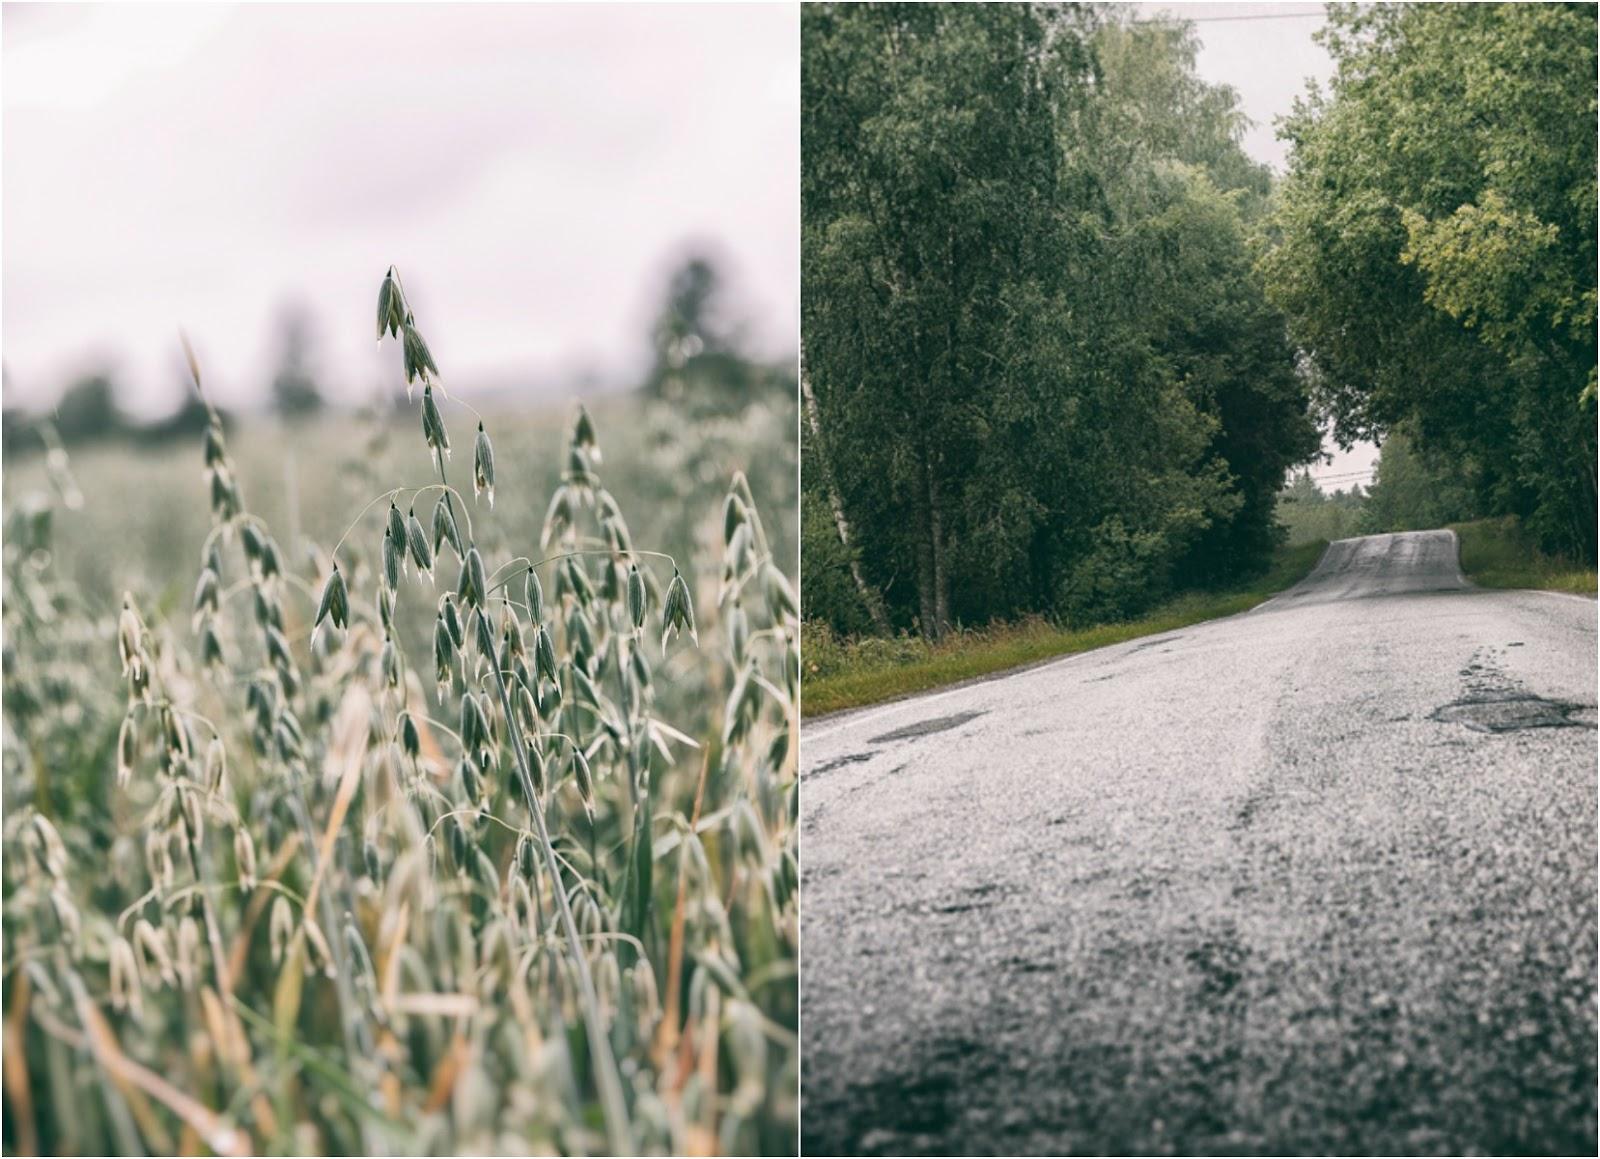 luonto, nature, Porkkalanniemi, Kirkkonummi, Suomi, Finland, visitfinland, experiencefinland, naturelovers, outdoorphotography, outdoors, Visualaddict, valokuvaaja, Frida Steiner, luontovalokuva, pelto, metsä, kaura, tie